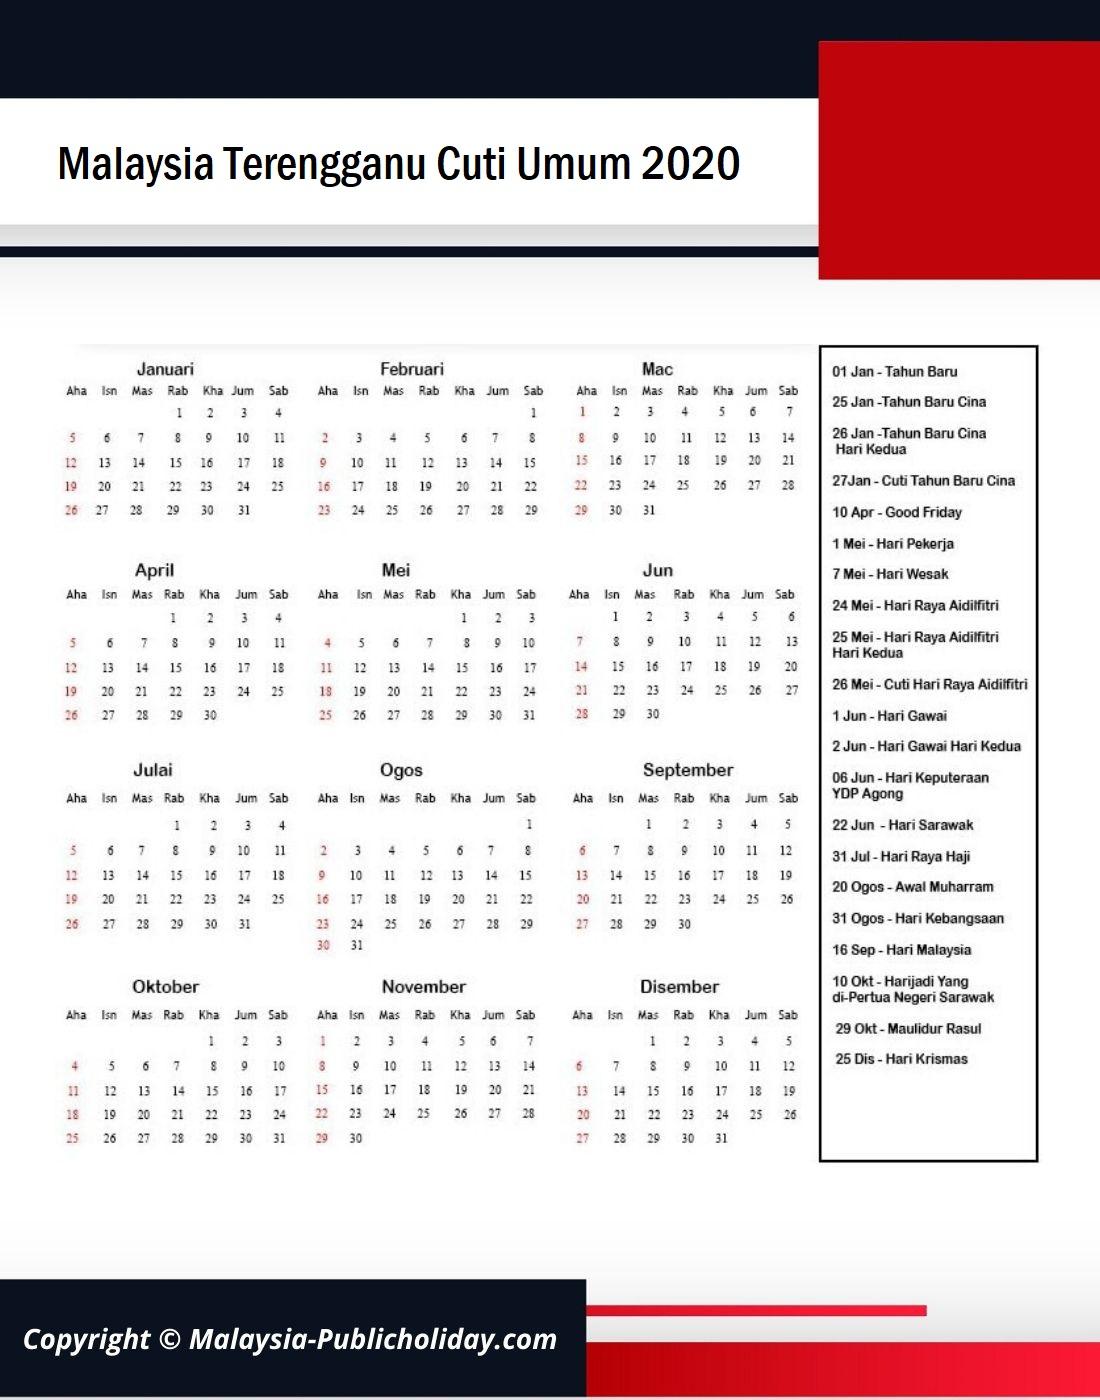 Cuti Umum Terengganu 2020 Malaysia